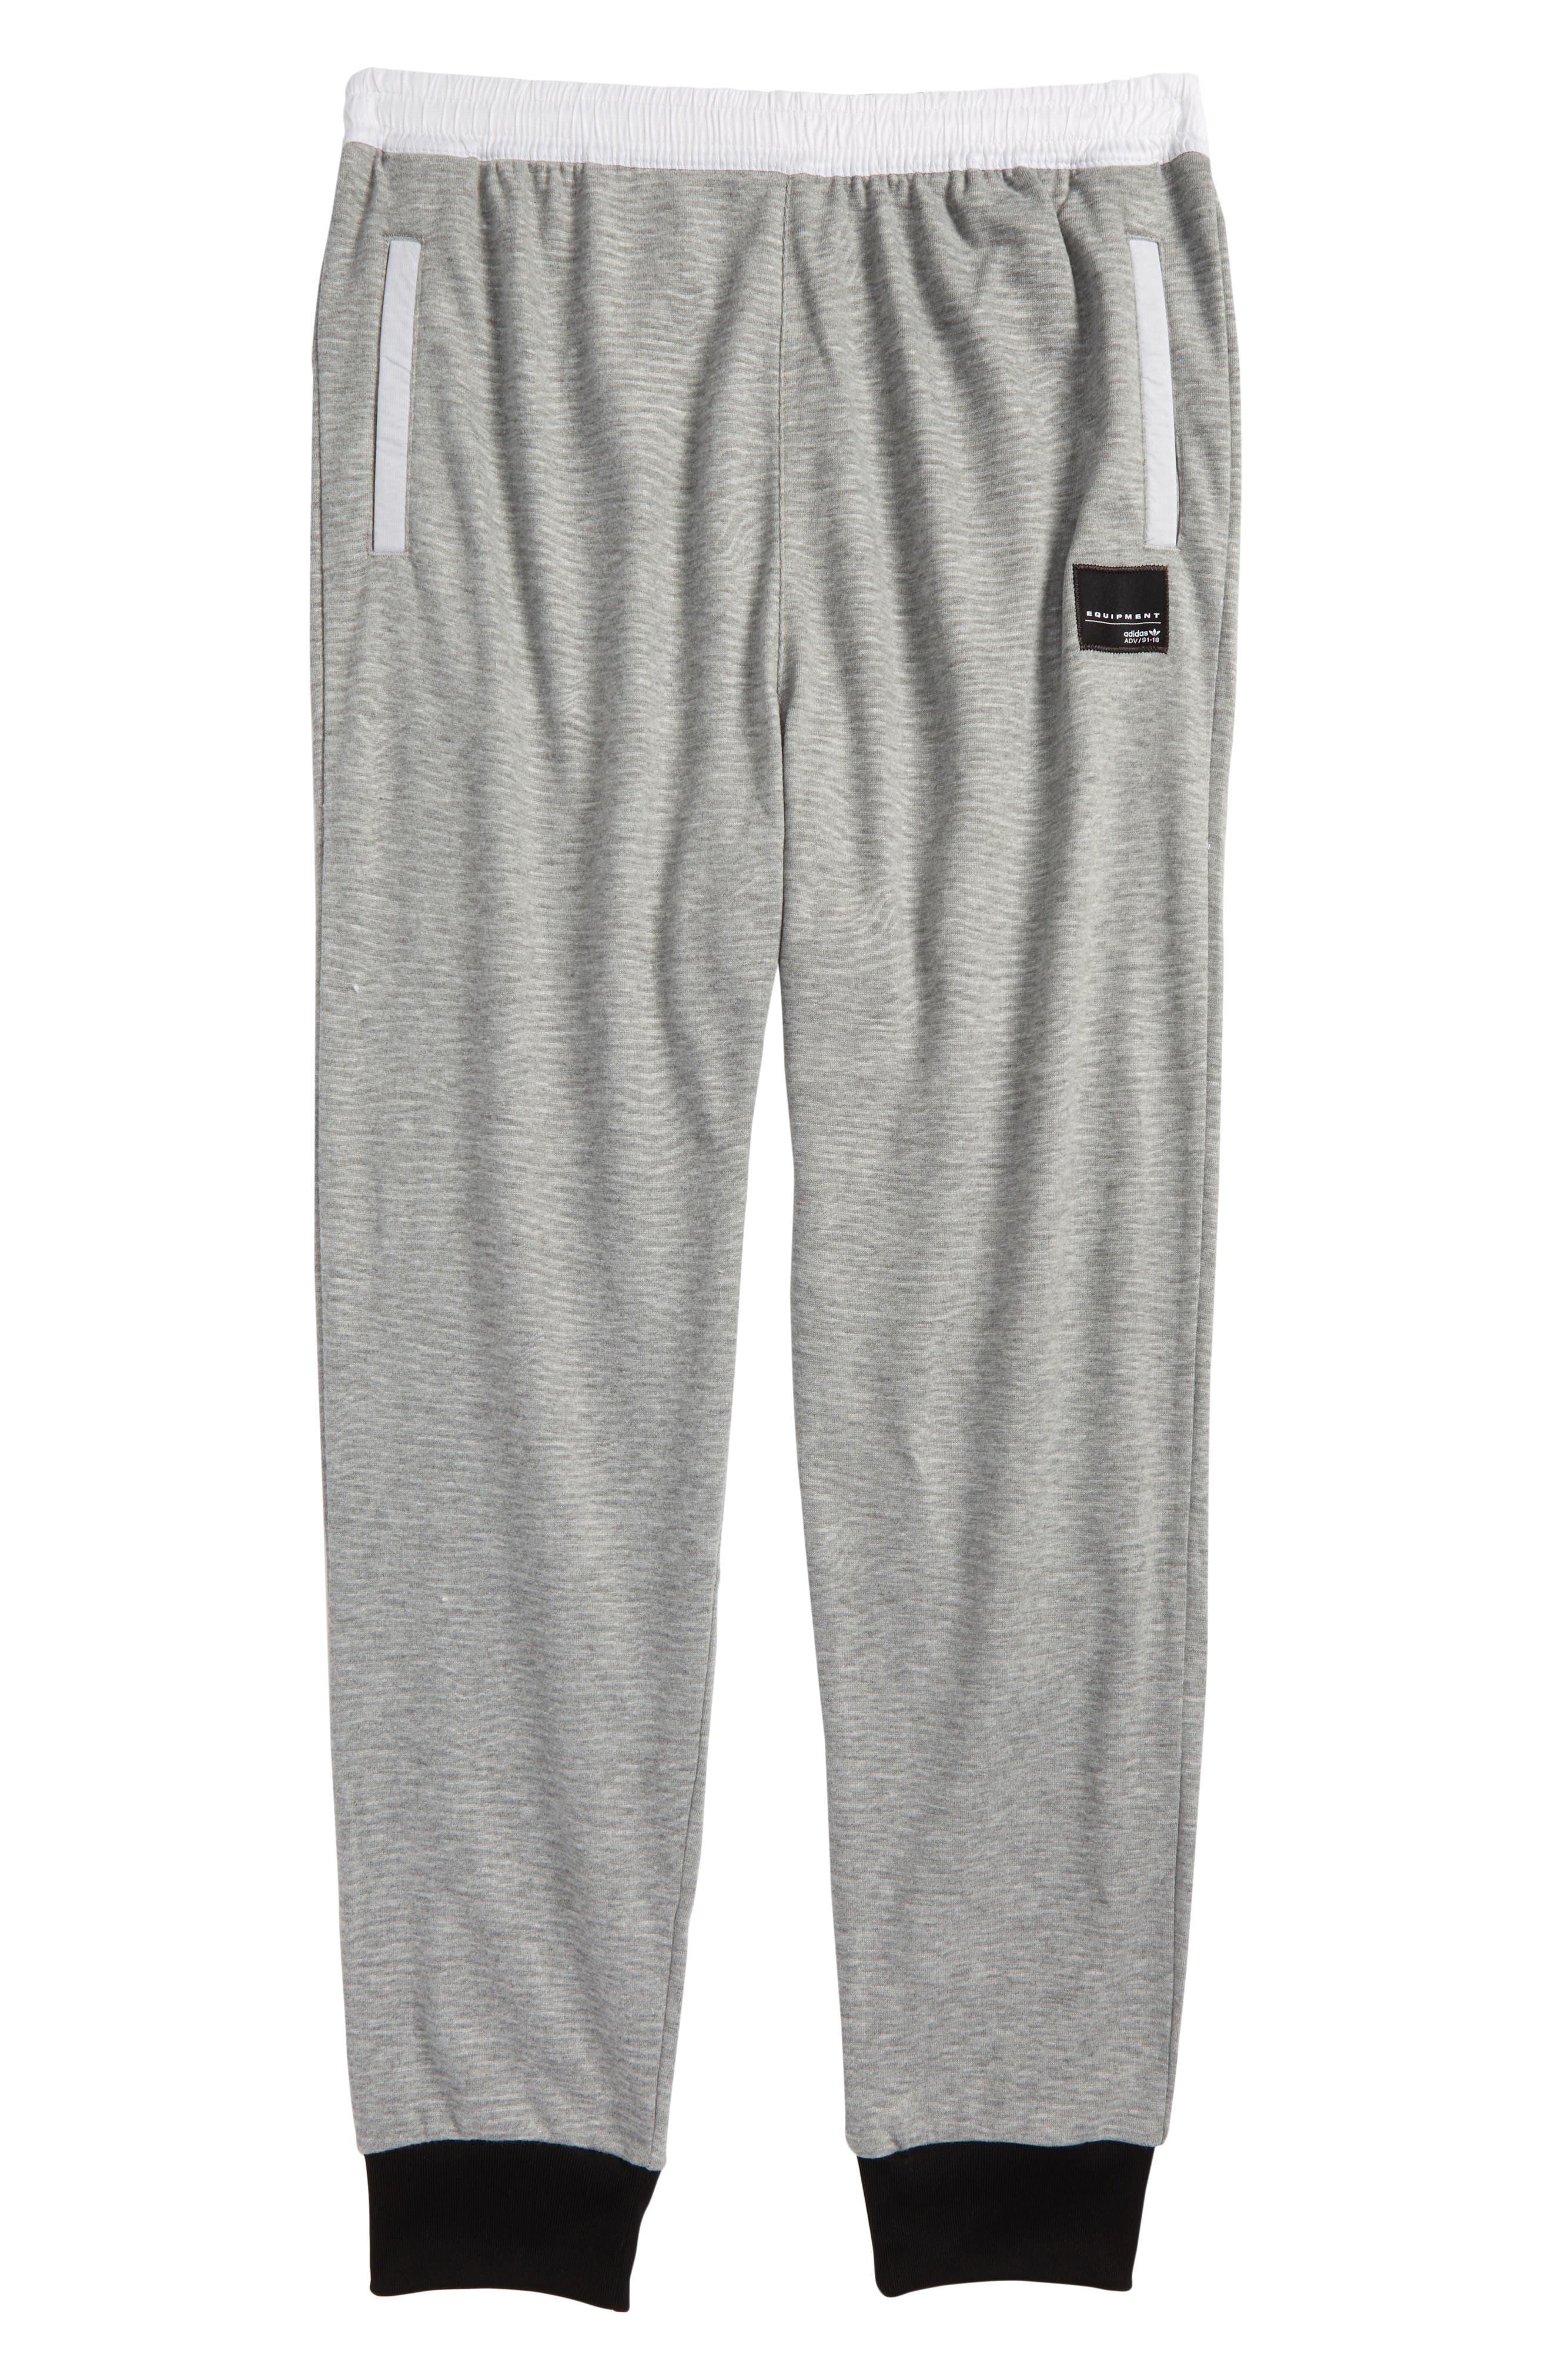 adidas Originals EQT Track Pants (Little Boys & Big Boys)